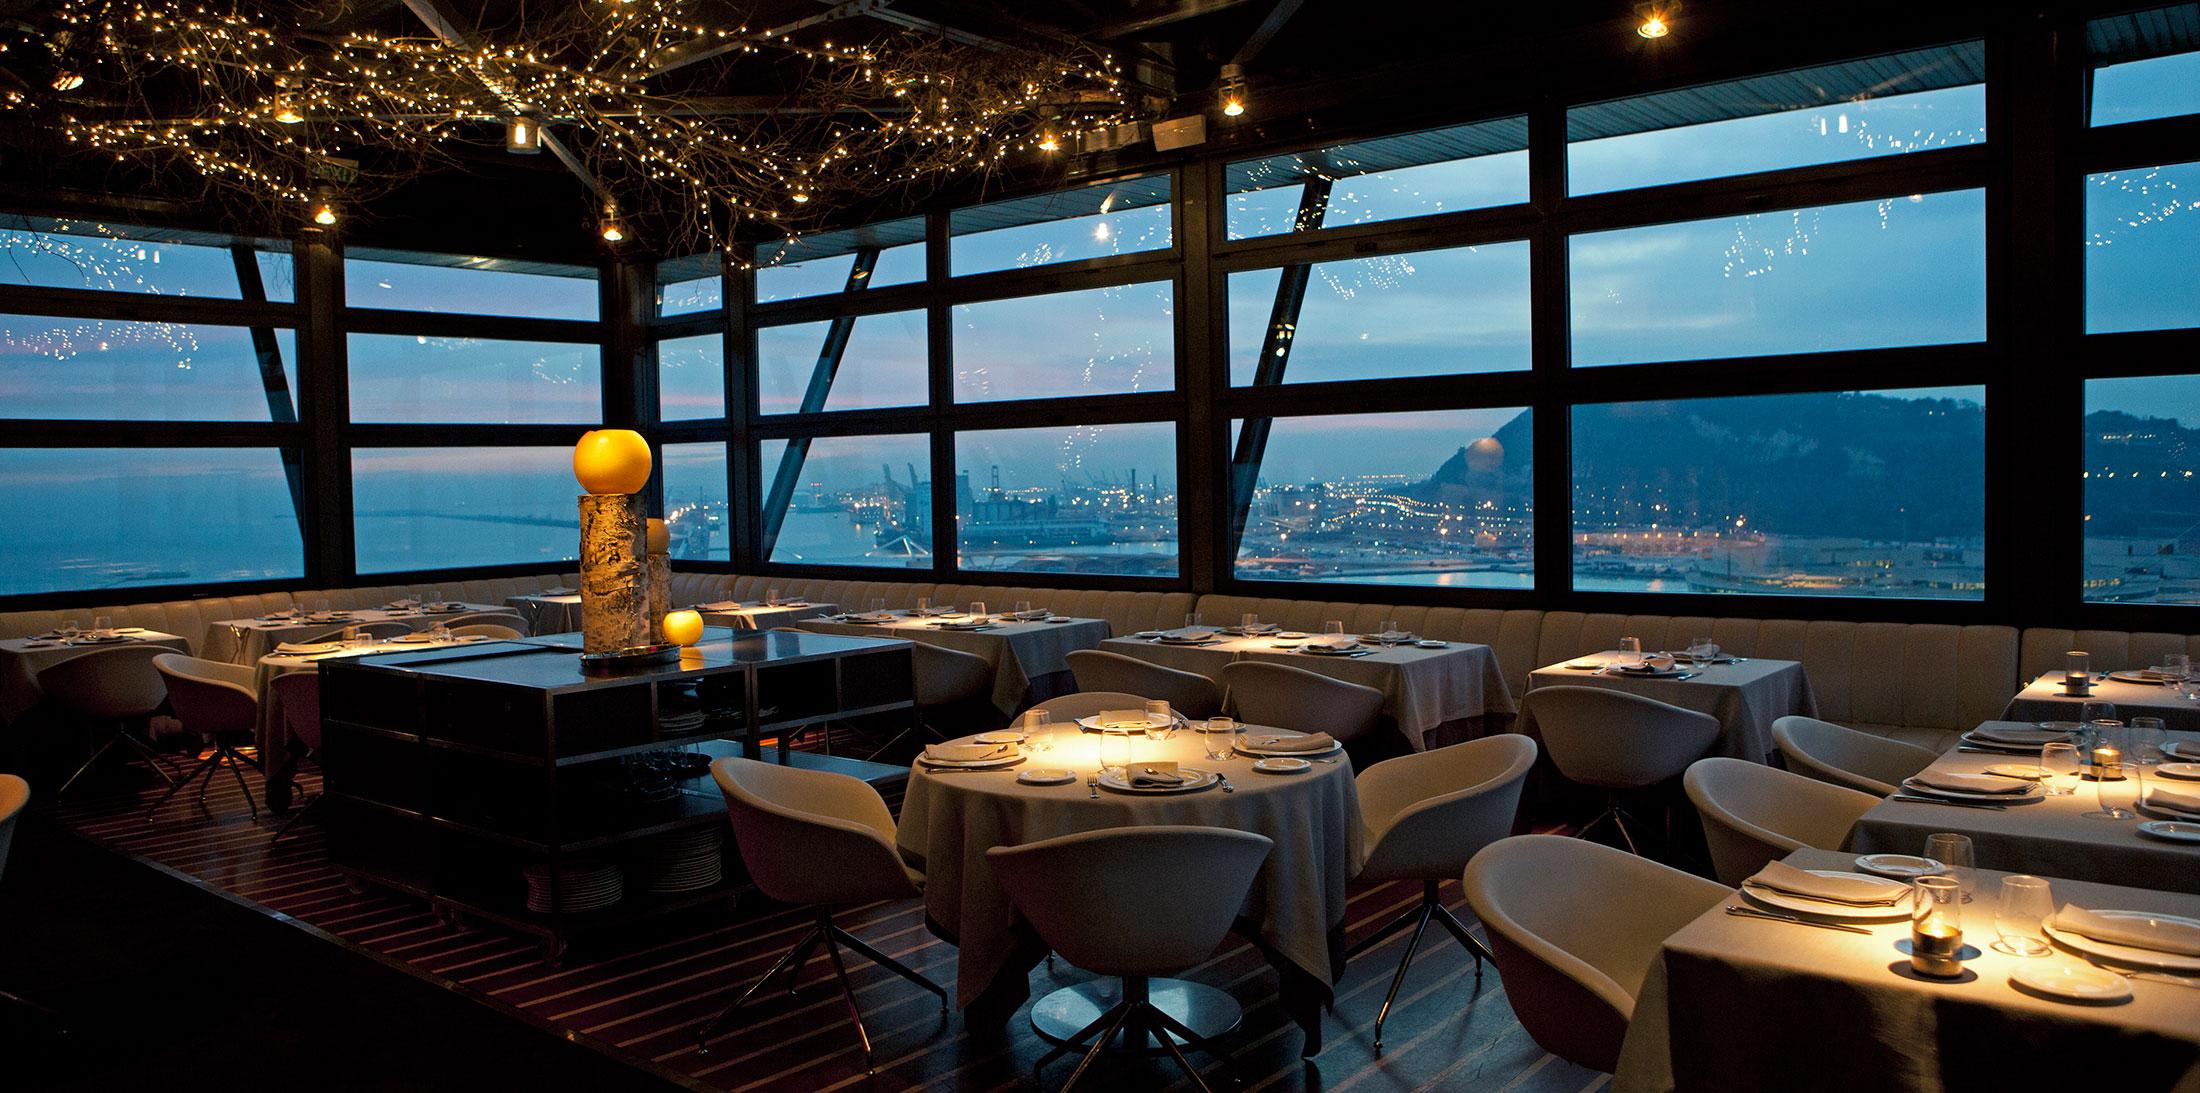 Torre d'Alta Mar restaurant